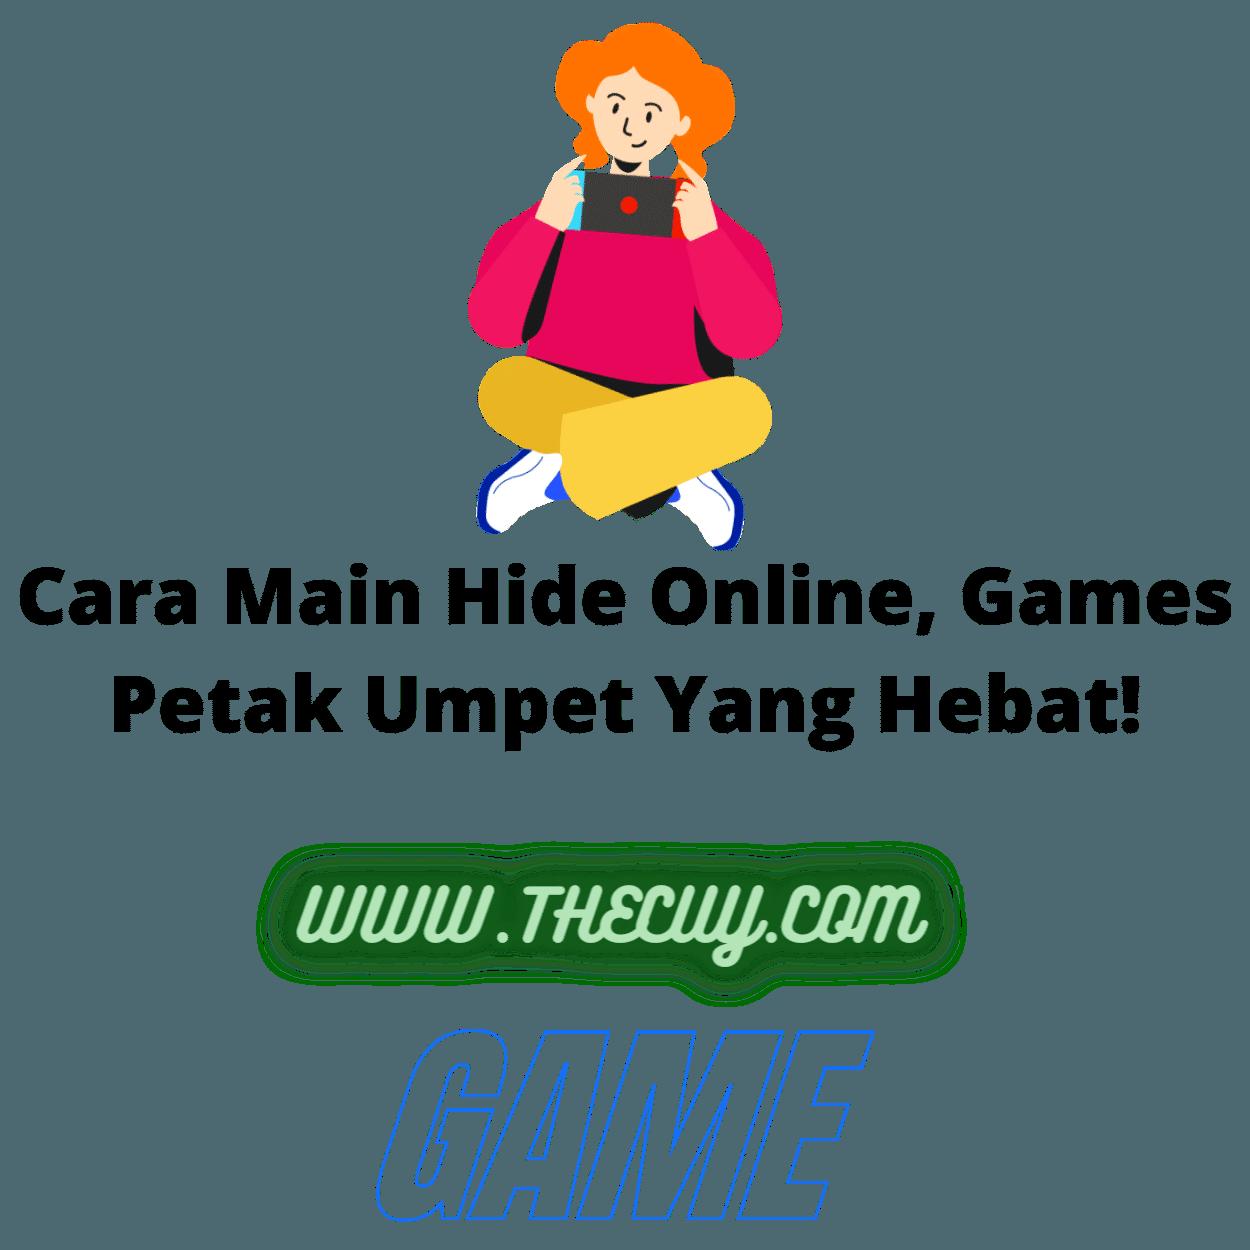 Cara Main Hide Online, Games Petak Umpet Yang Hebat!